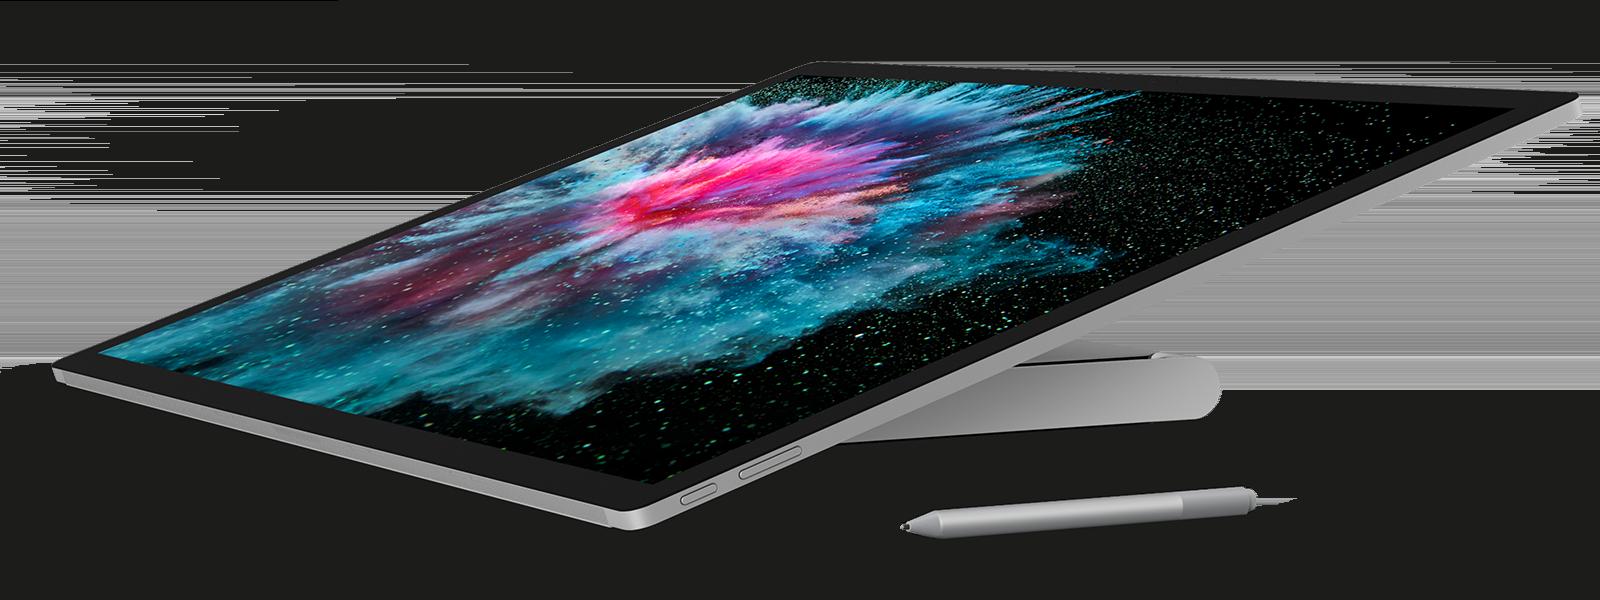 Surface Studio 2 im Studio-Modus